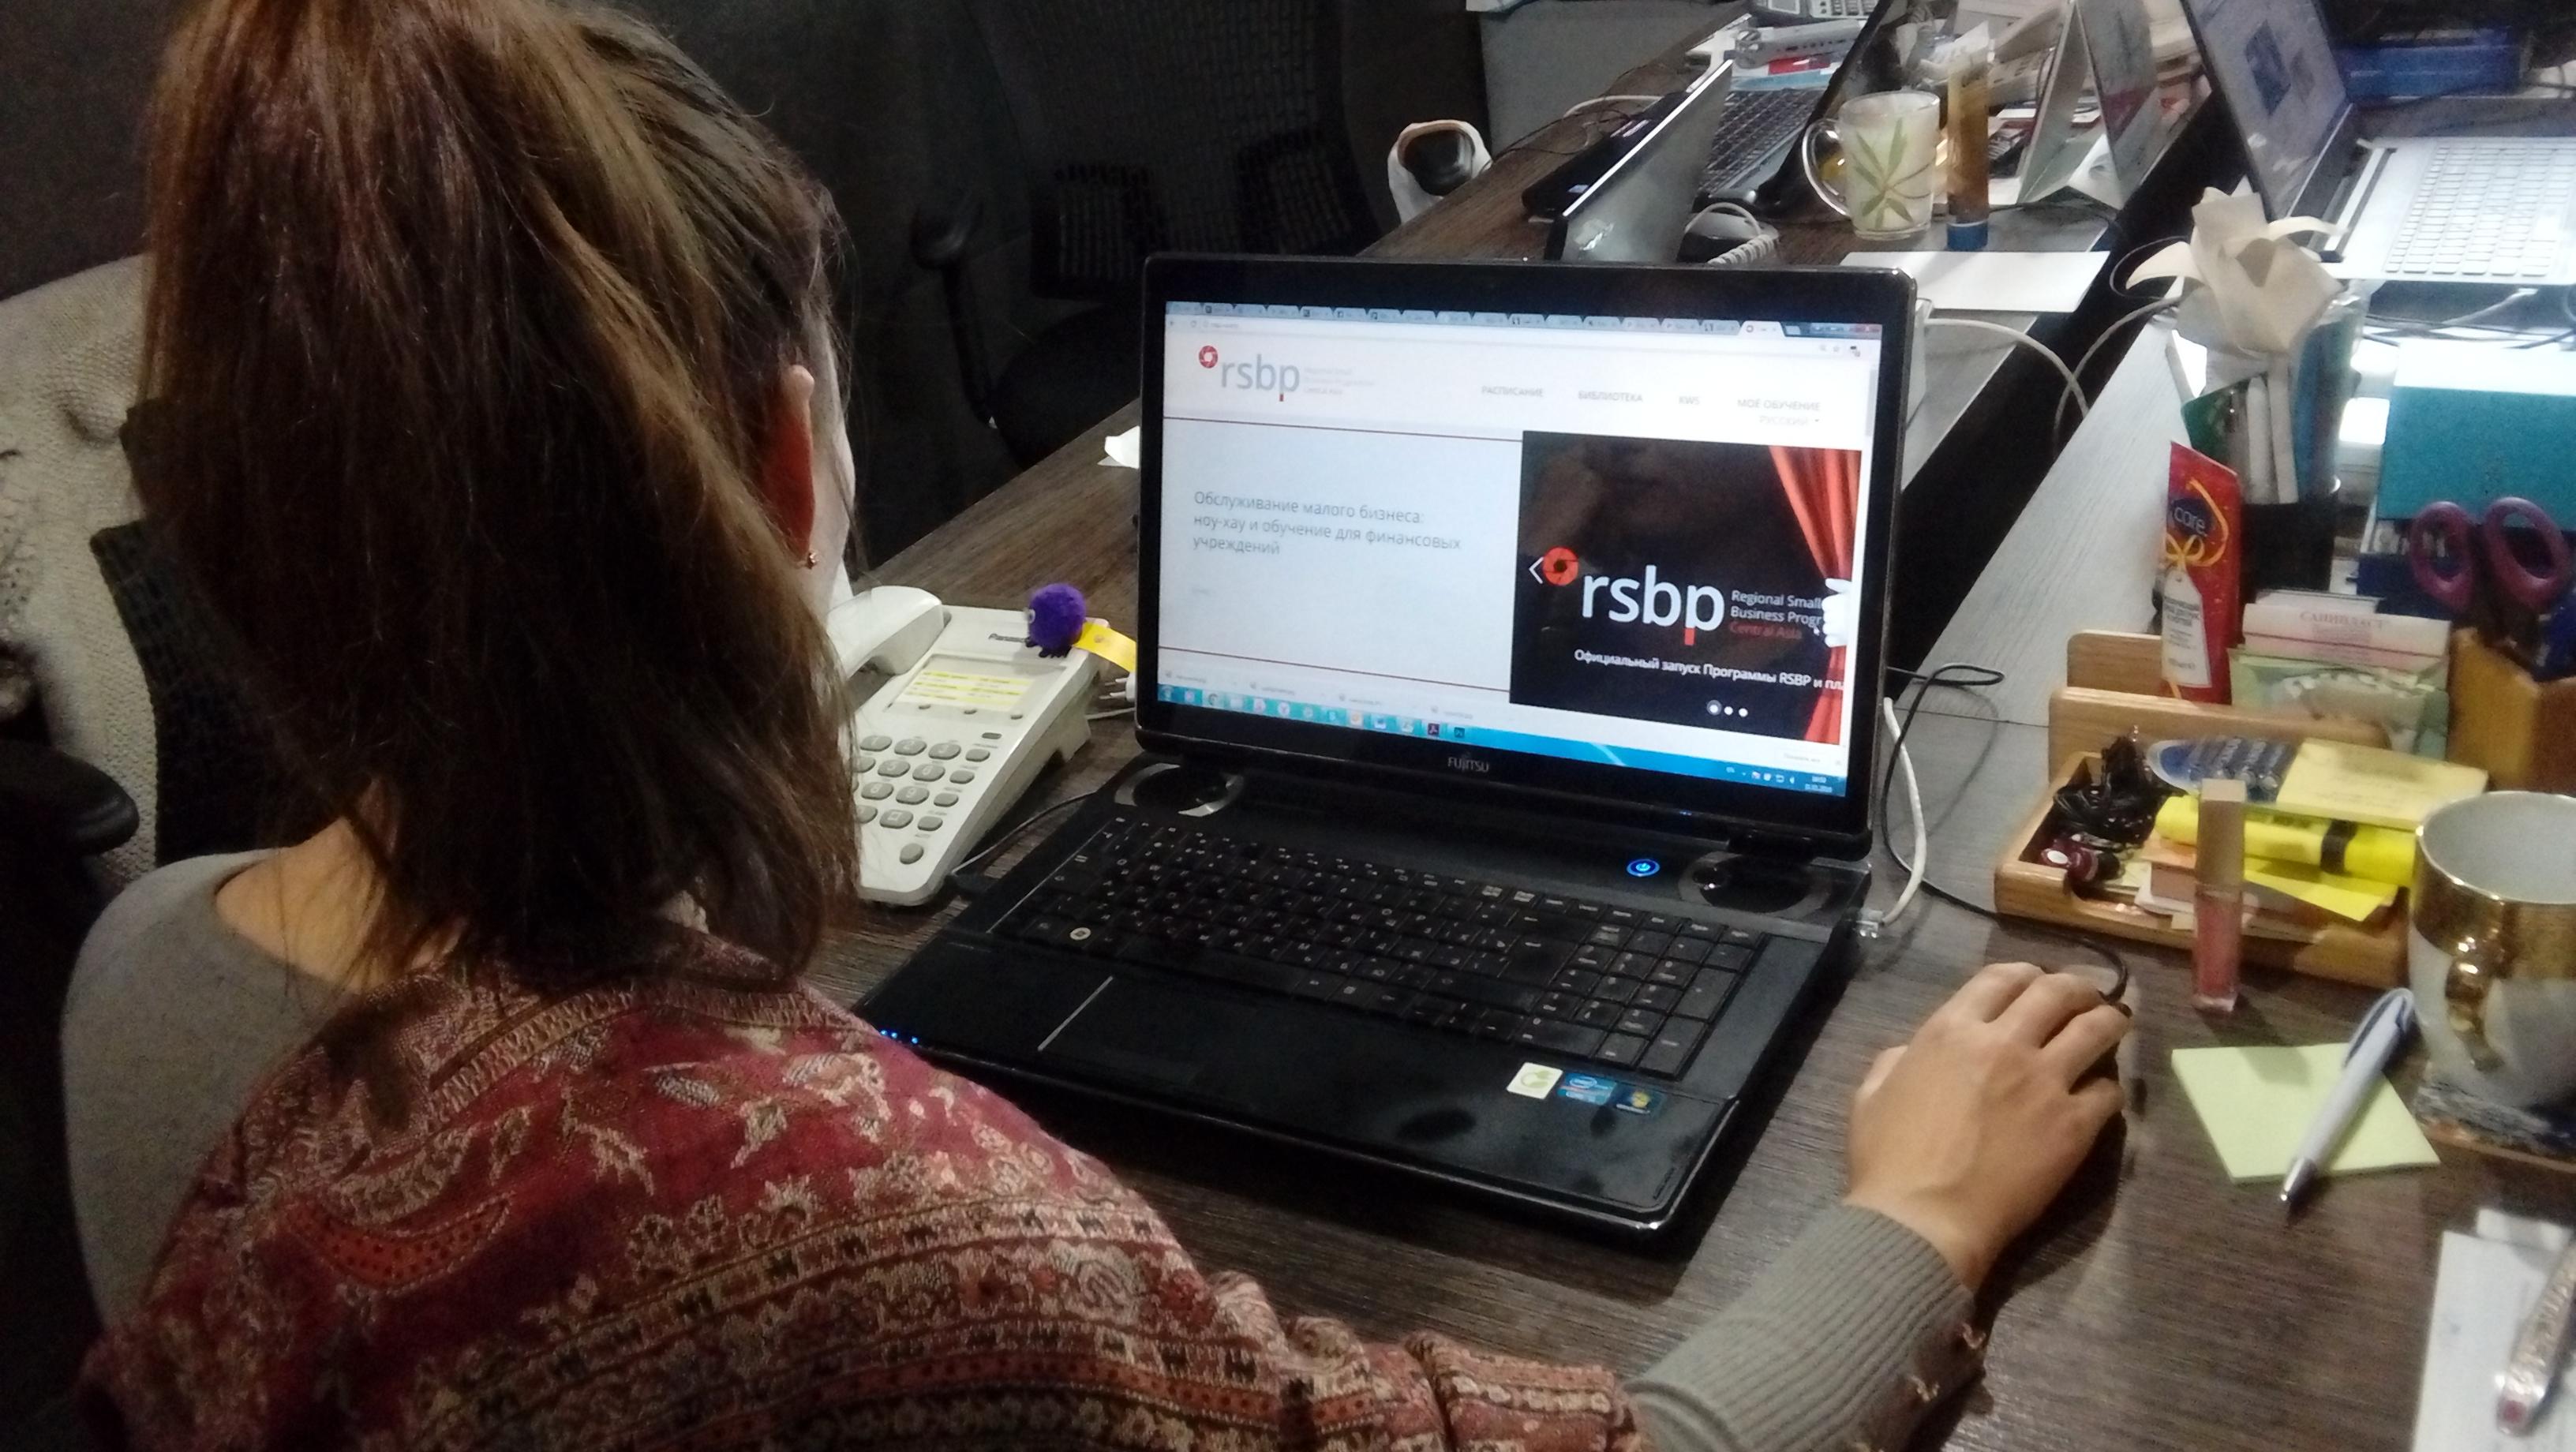 Пользовательница Интернета просматривает сайт программы RSBP. Алматы, 31 января. [Ксения Бондал]